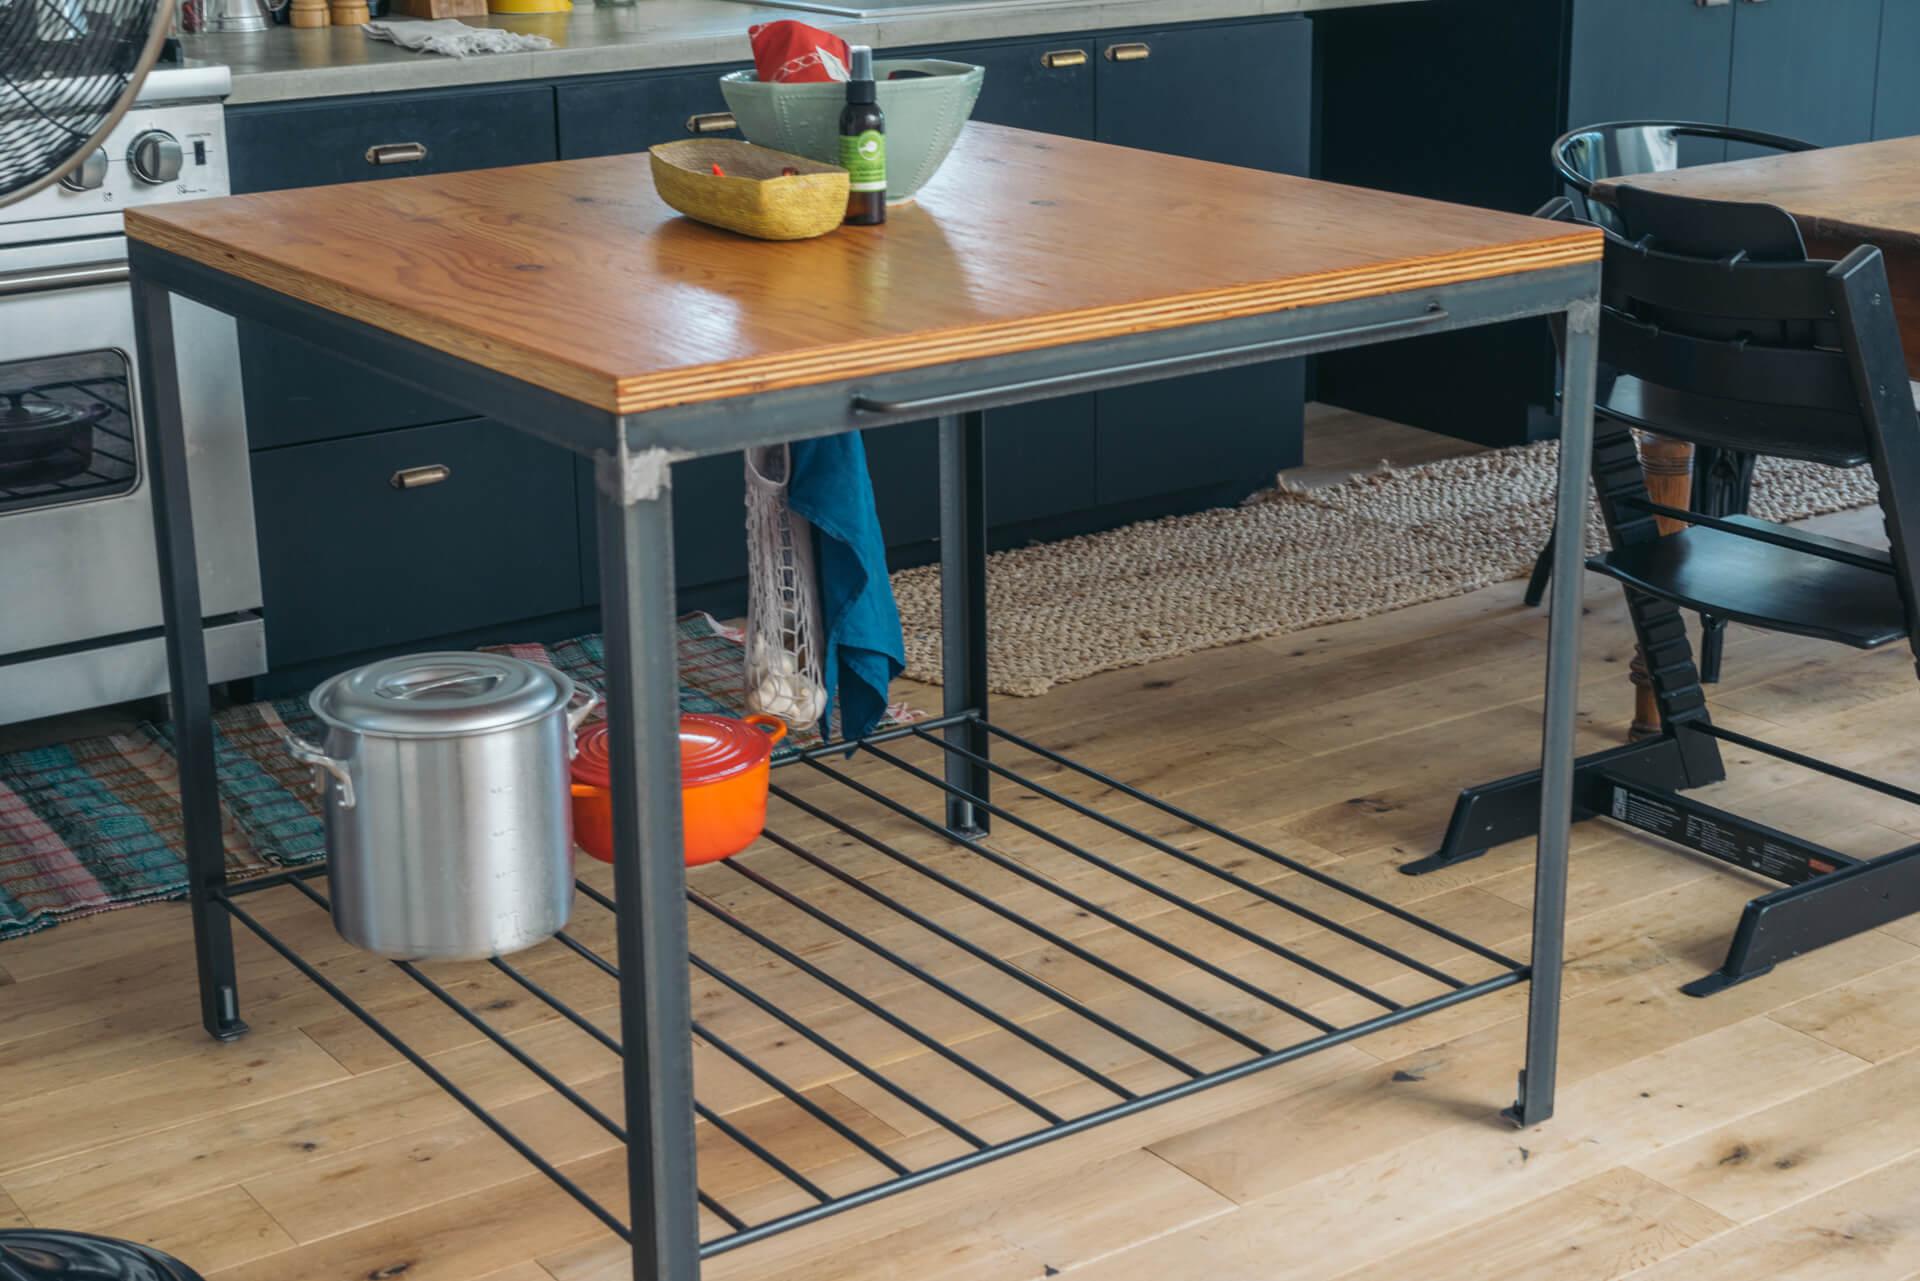 配膳のときにも便利な作業台も、鉄屋さん作。その鉄屋さん、ちょっと紹介してください、と思ってしまう素敵な出来。